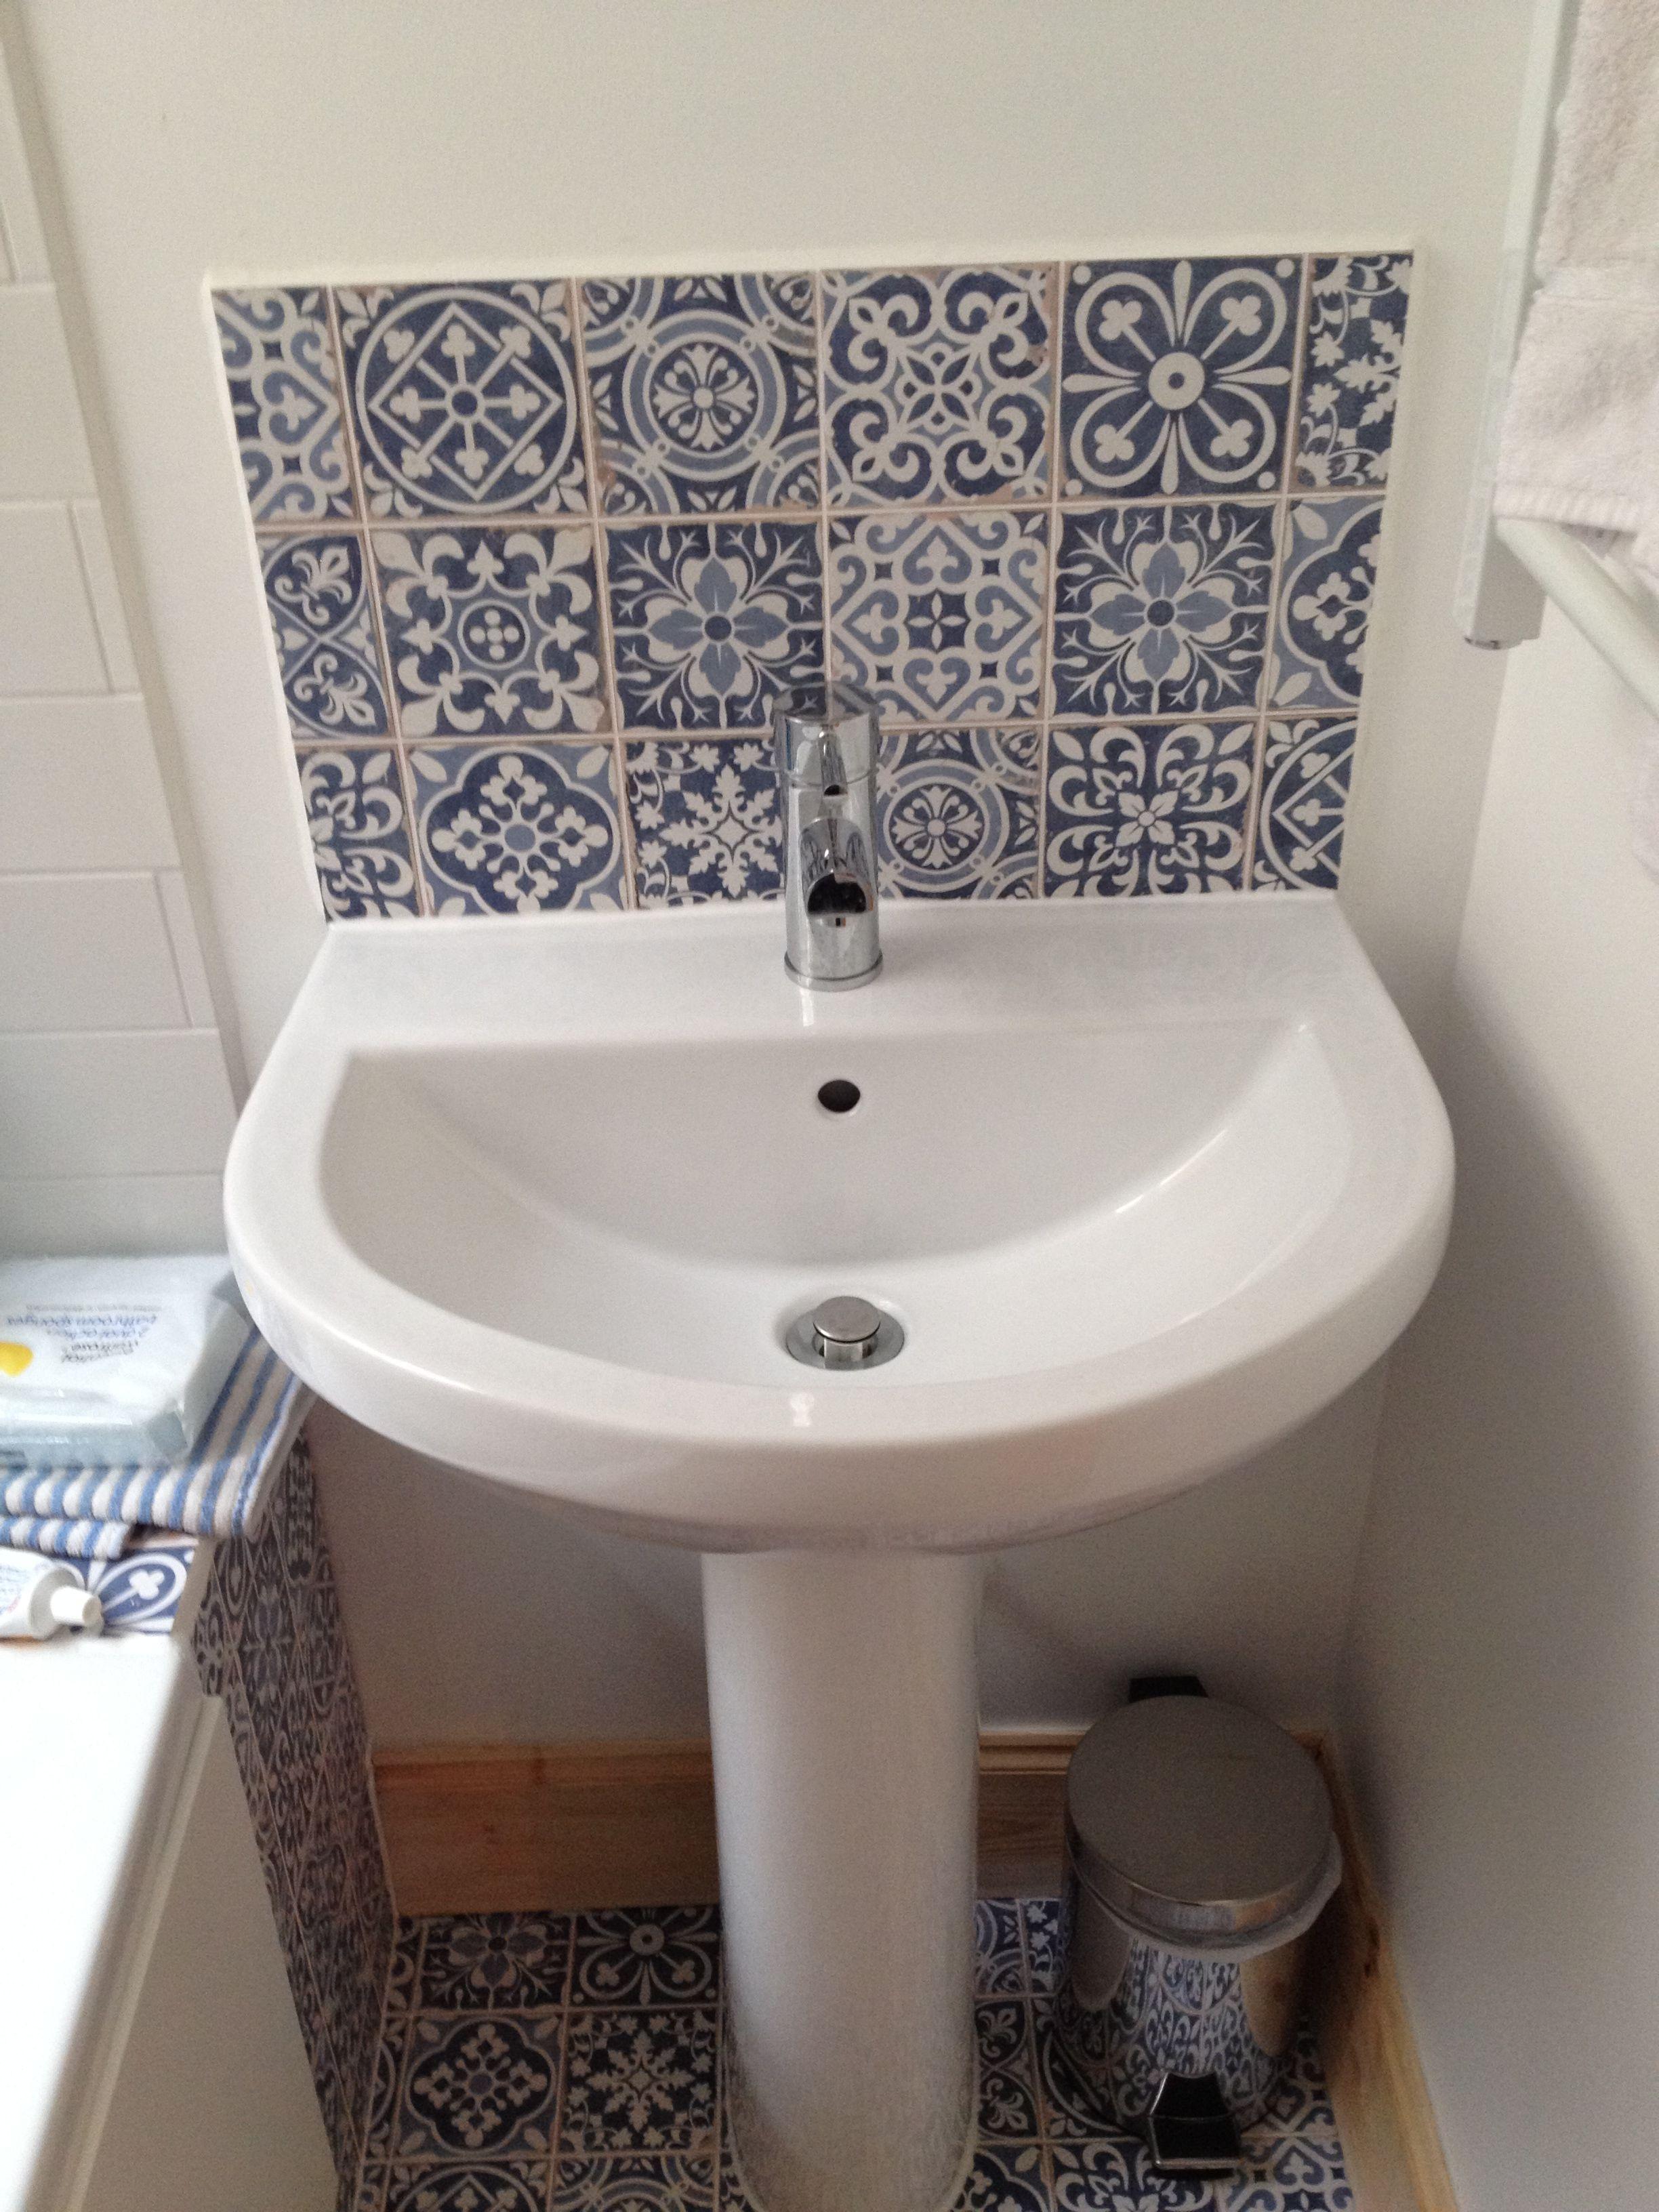 Merveilleux Sink With Tile Splashback